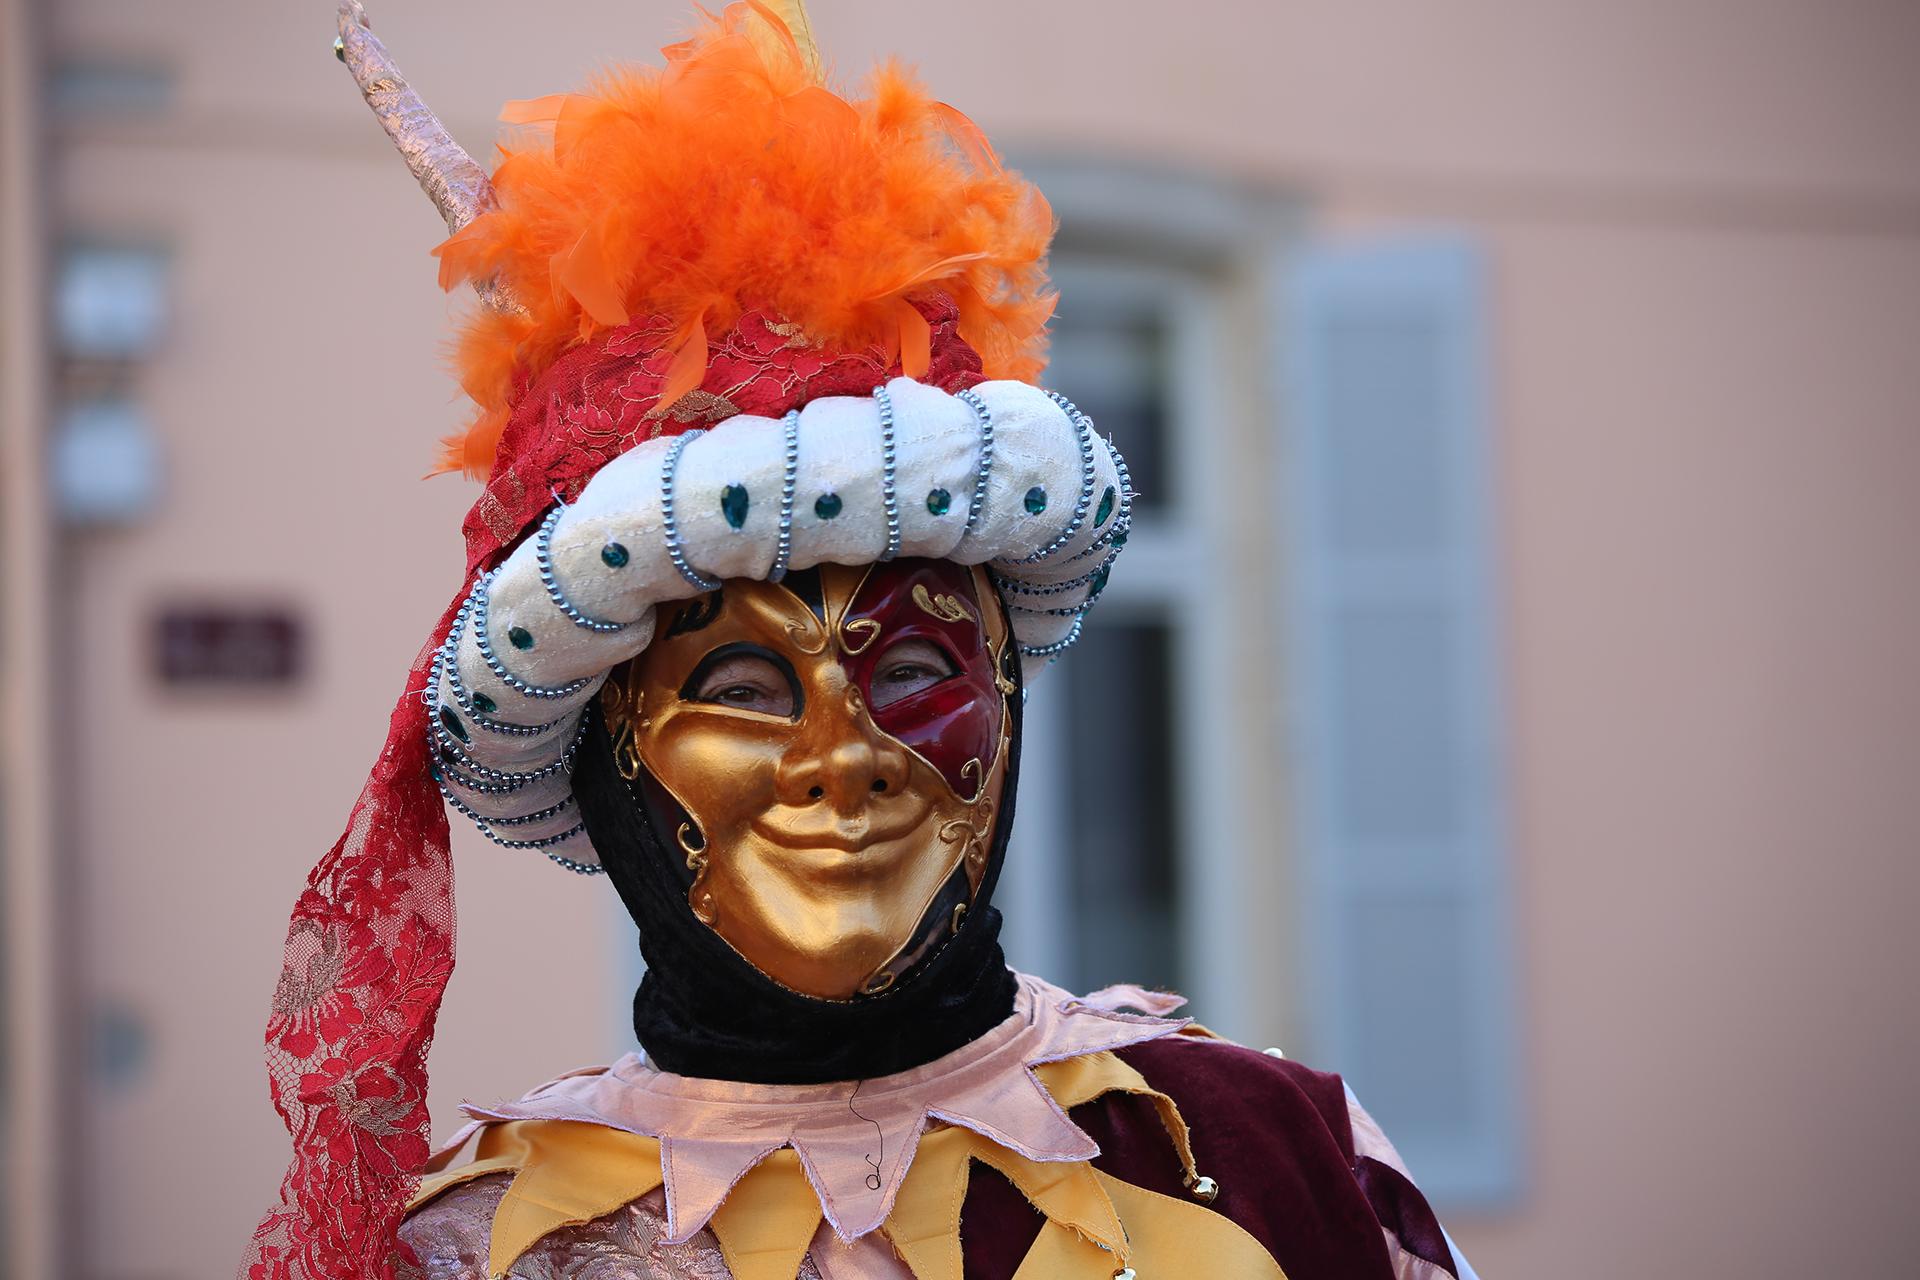 Tout sourire derrière le masque- Photo Blandine et Francis Aubertin